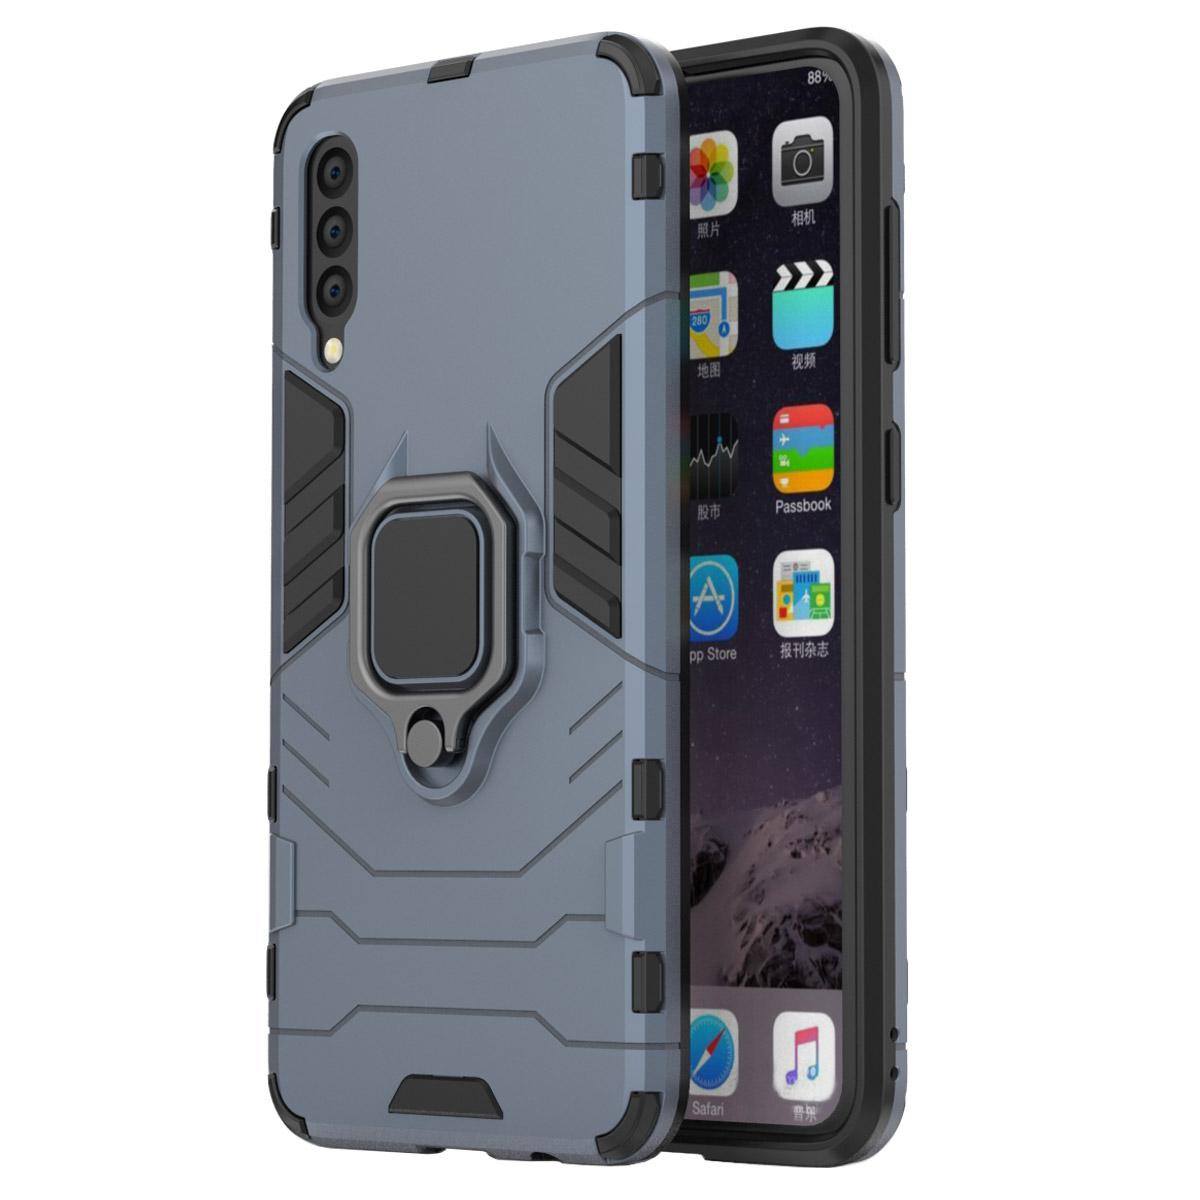 کاور سامورایی مدل ARC-2020 مناسب برای گوشی موبایل سامسونگ Galaxy A50/A50s/A30s